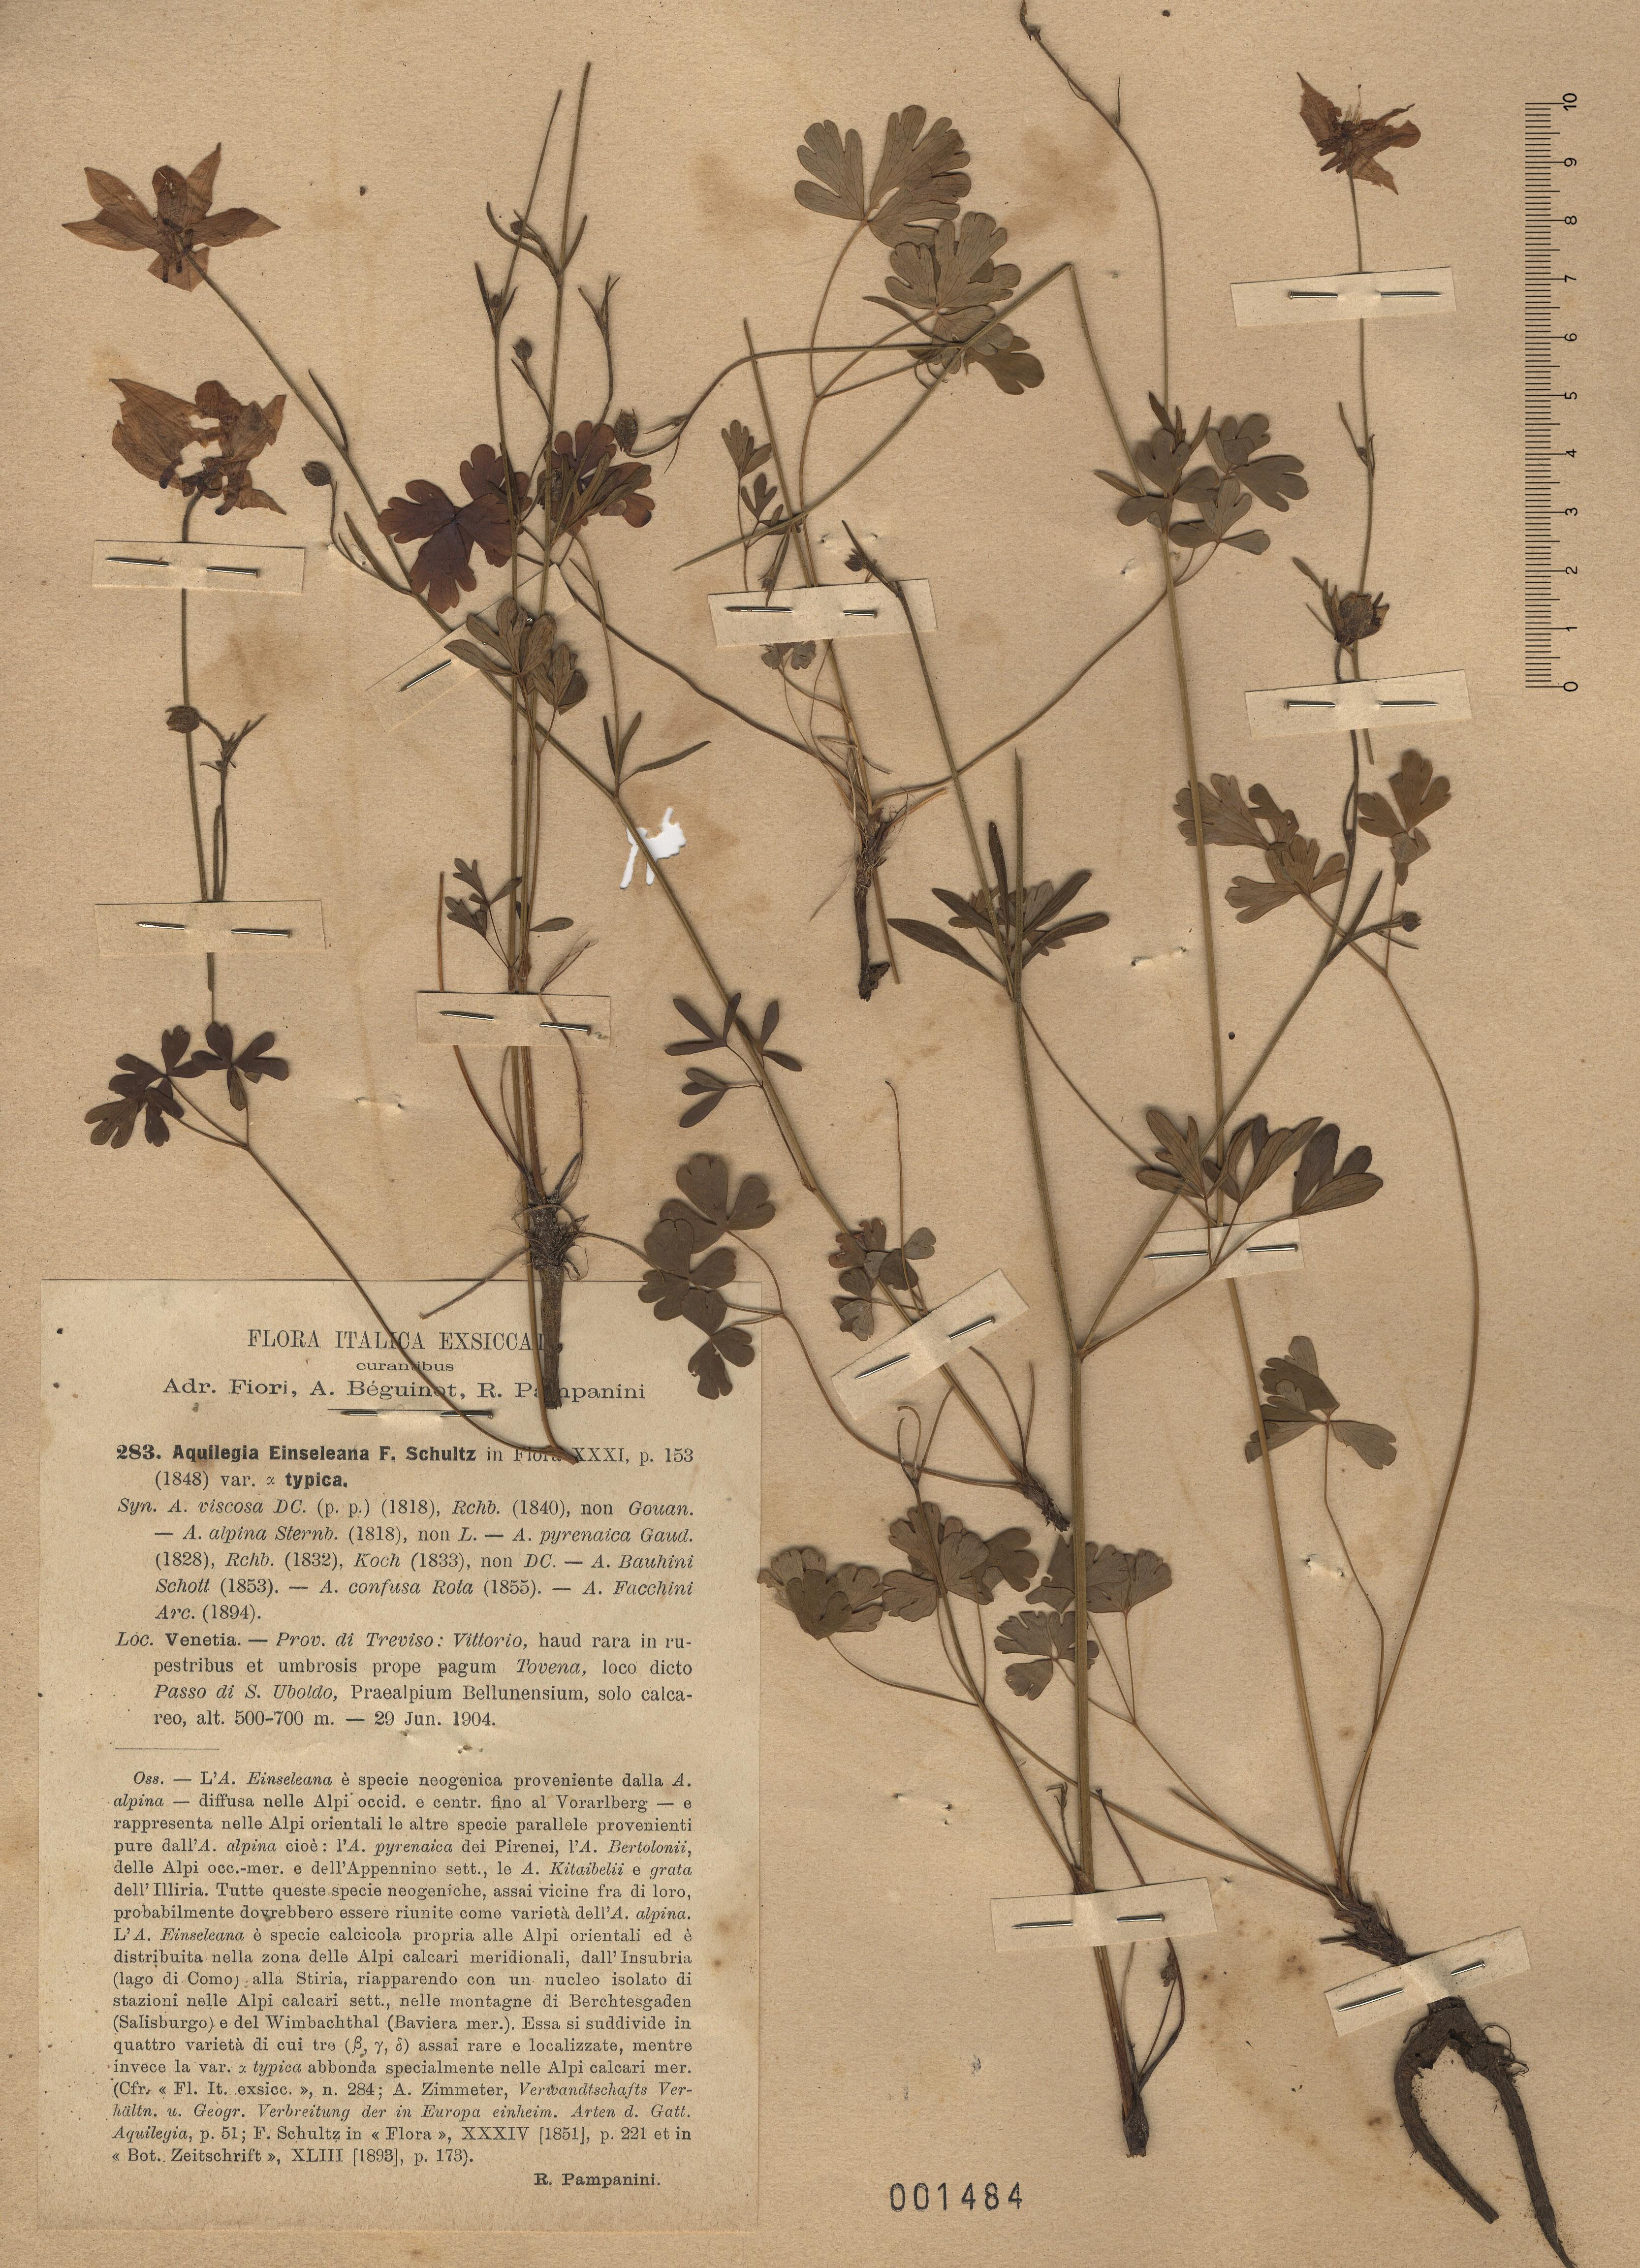 © Hortus Botanicus Catinensis - Herb. sheet 001484<br>